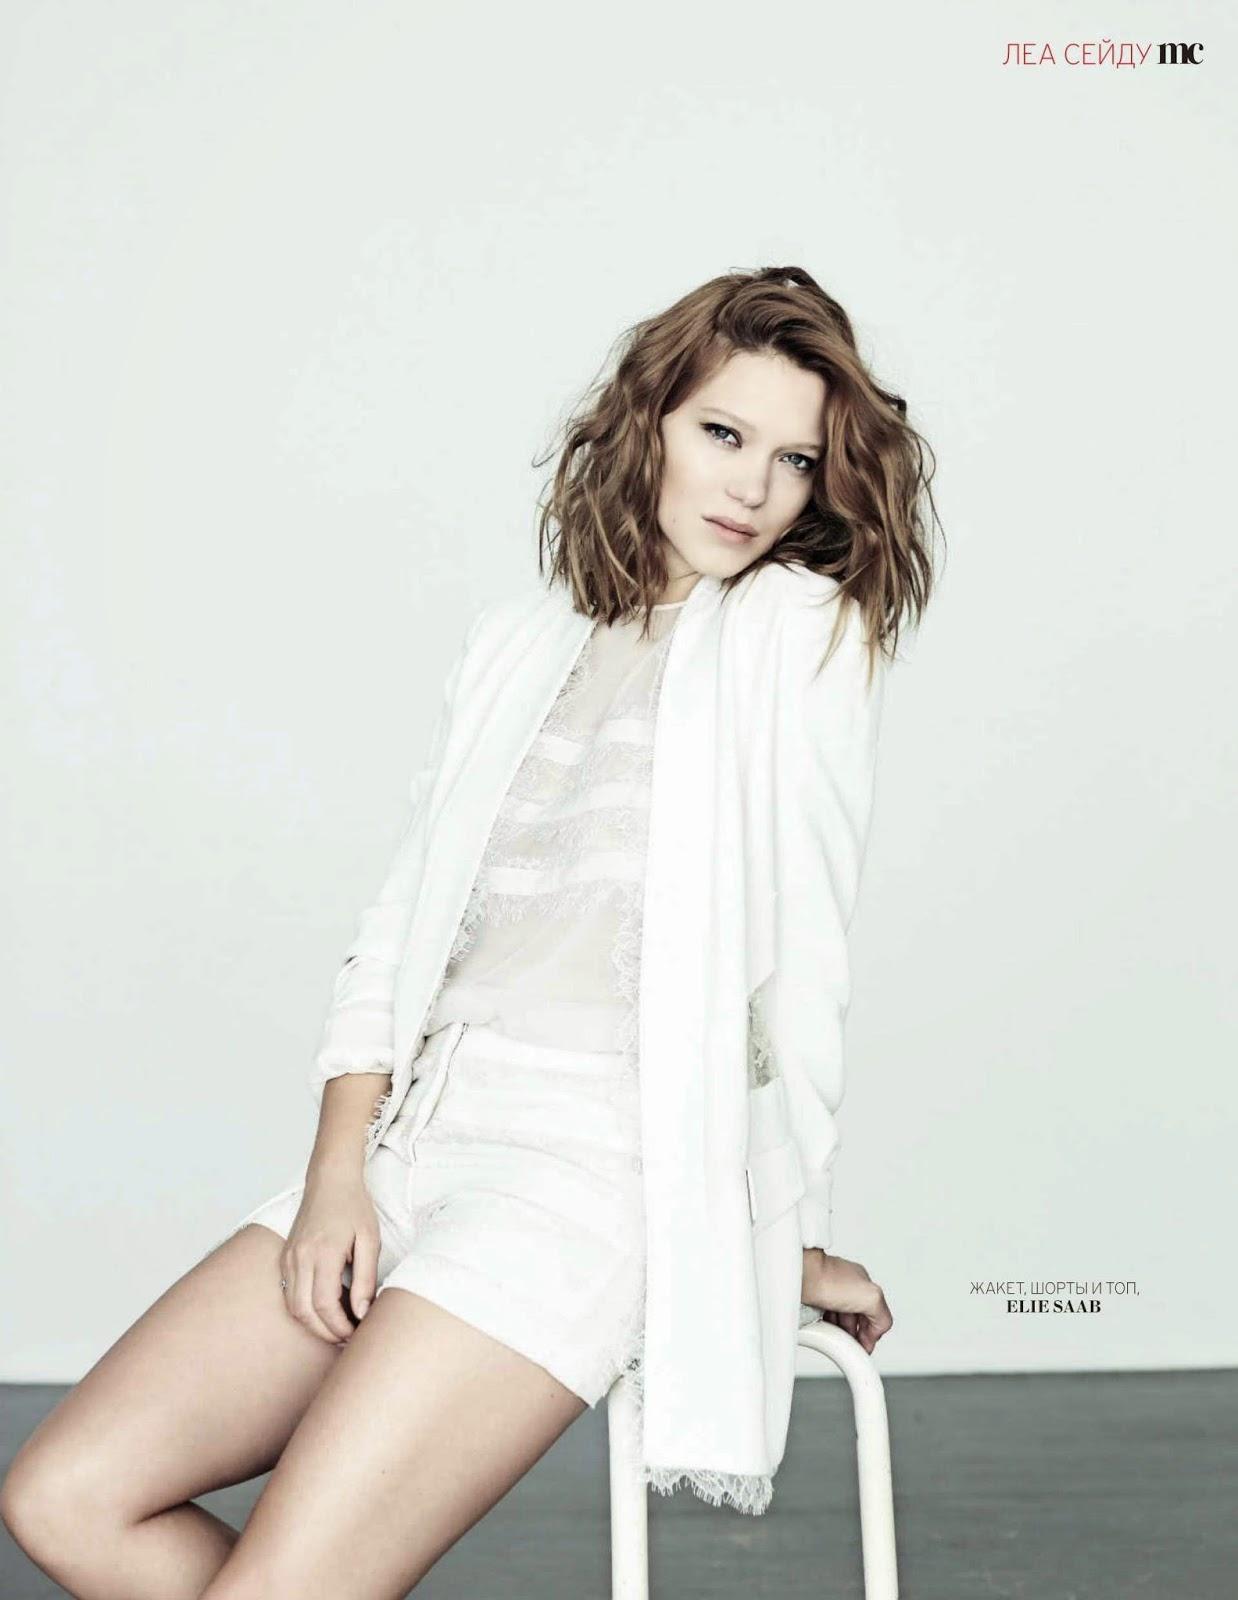 Lea Seydoux - Marie Claire Magazine Russia, April 2014